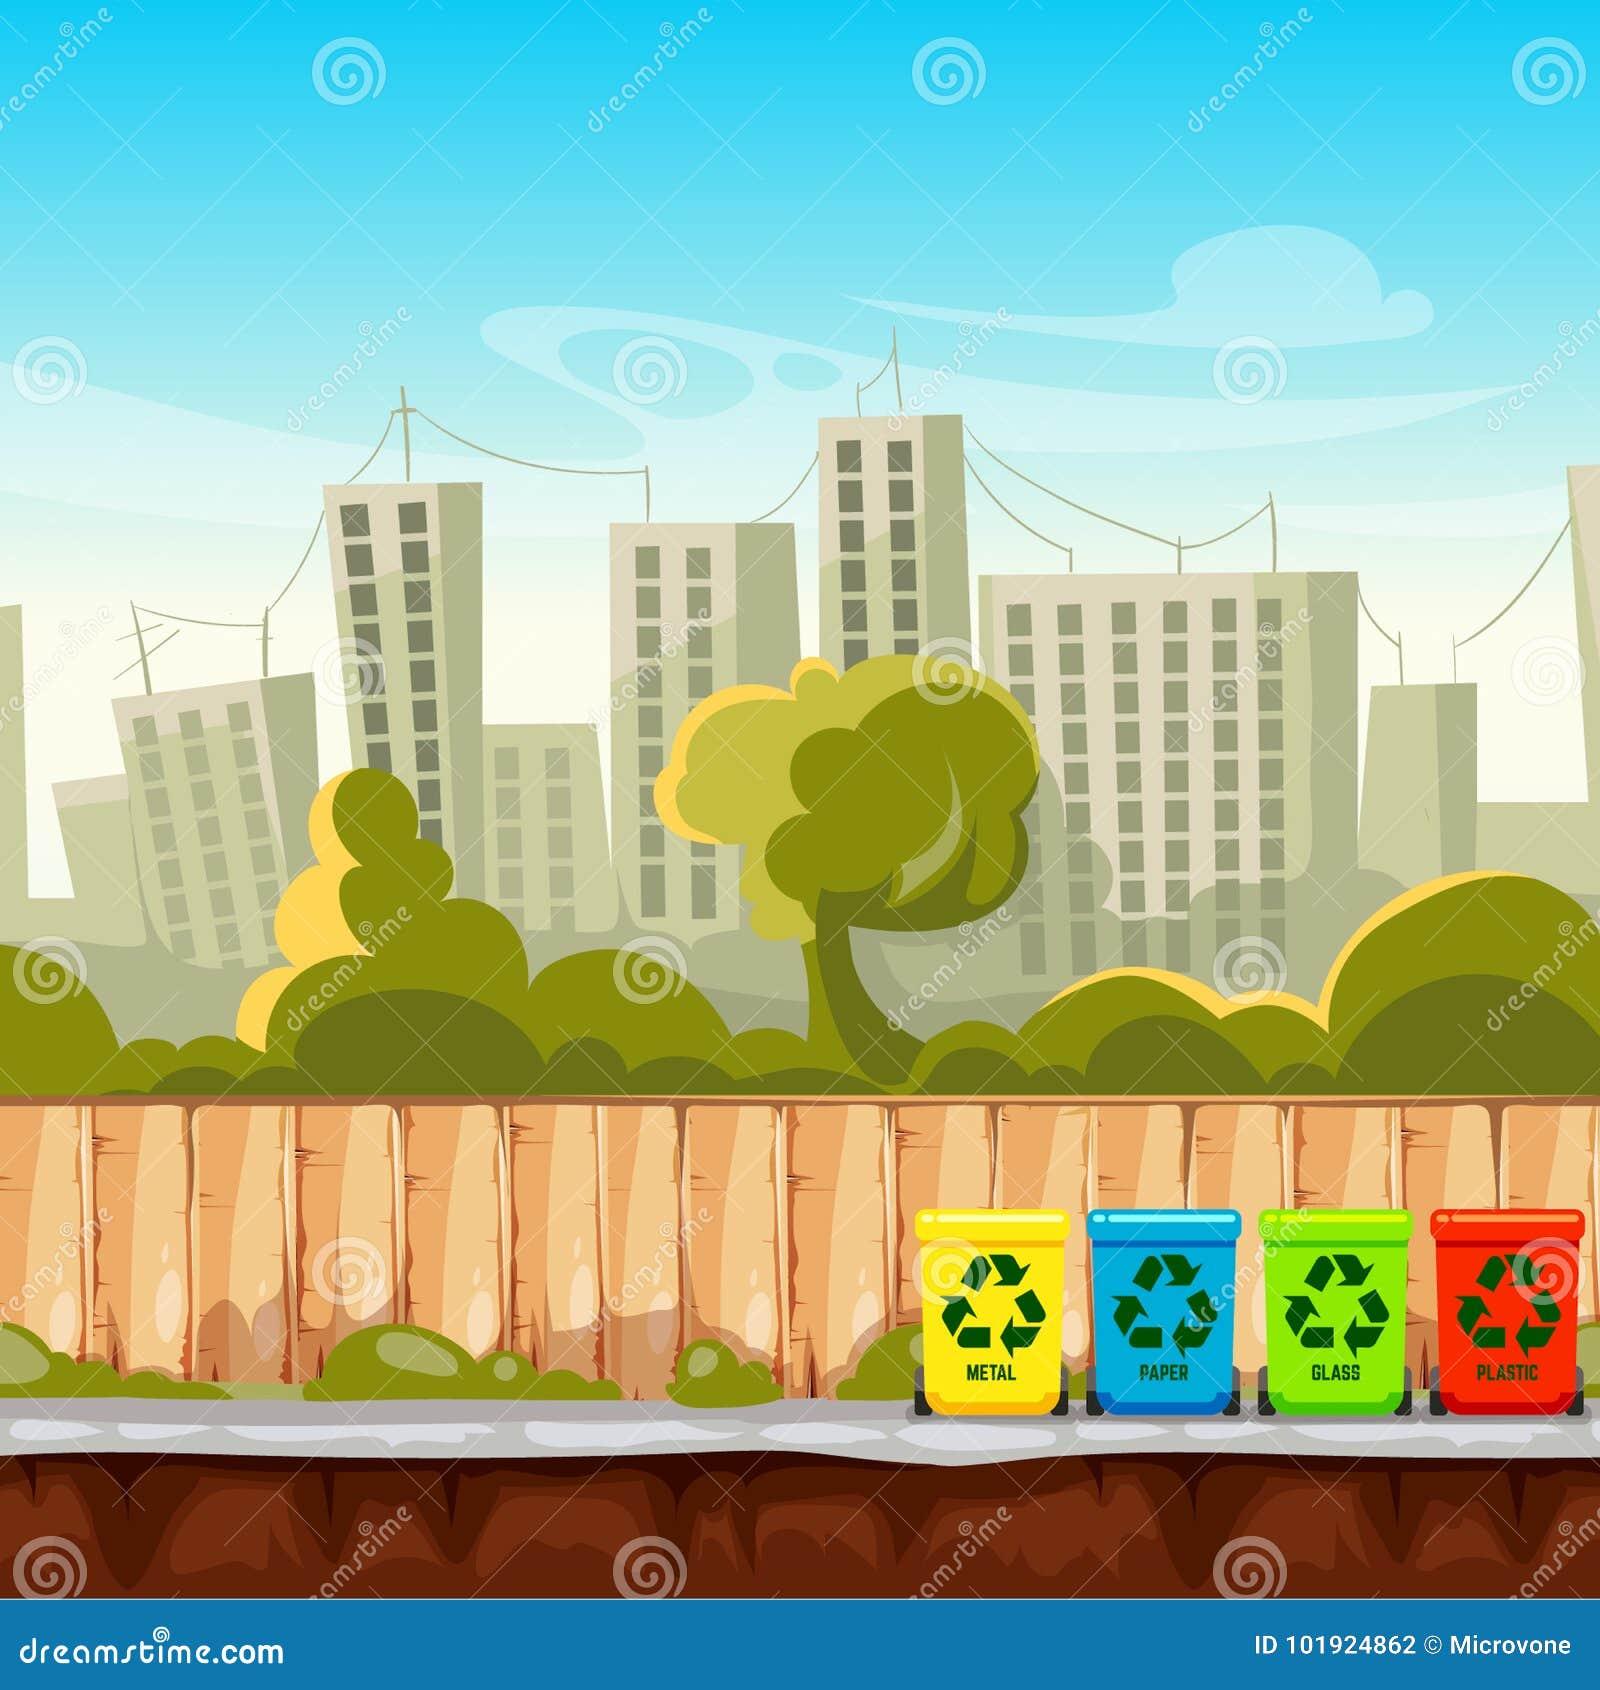 回收废物箱有都市风景背景 废物管理概念